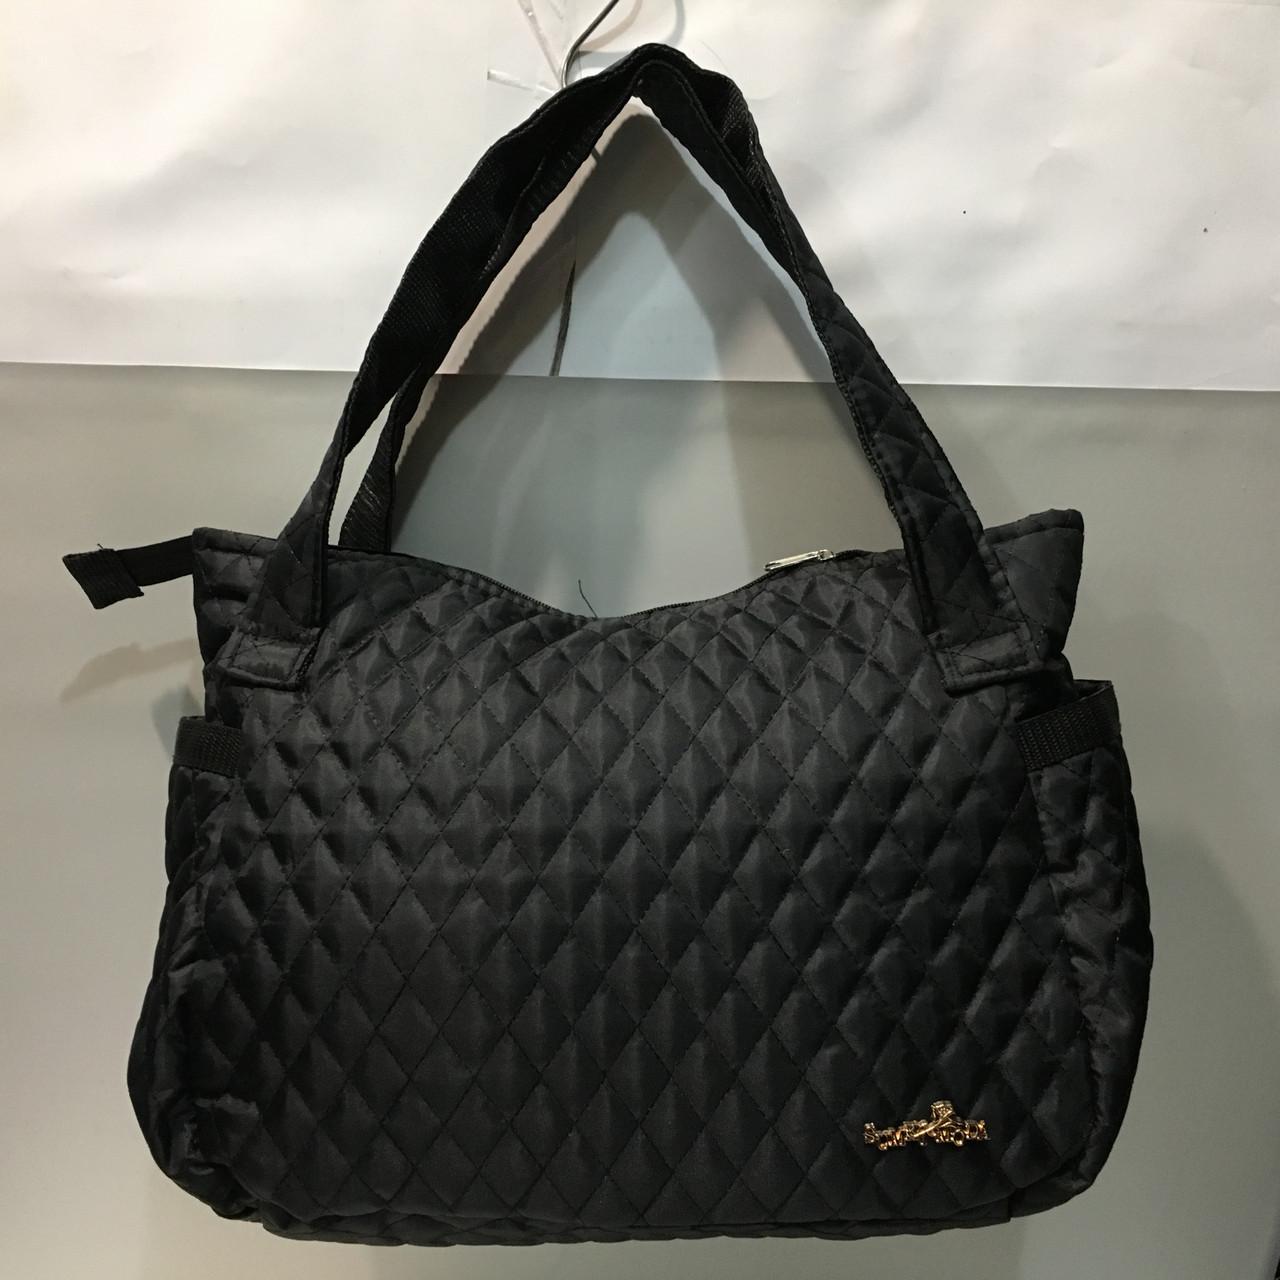 a703ad9a46ad Стильная стеганая болоньевая сумка. Модная женская сумка. Удобная,  вместительная сумка оптом